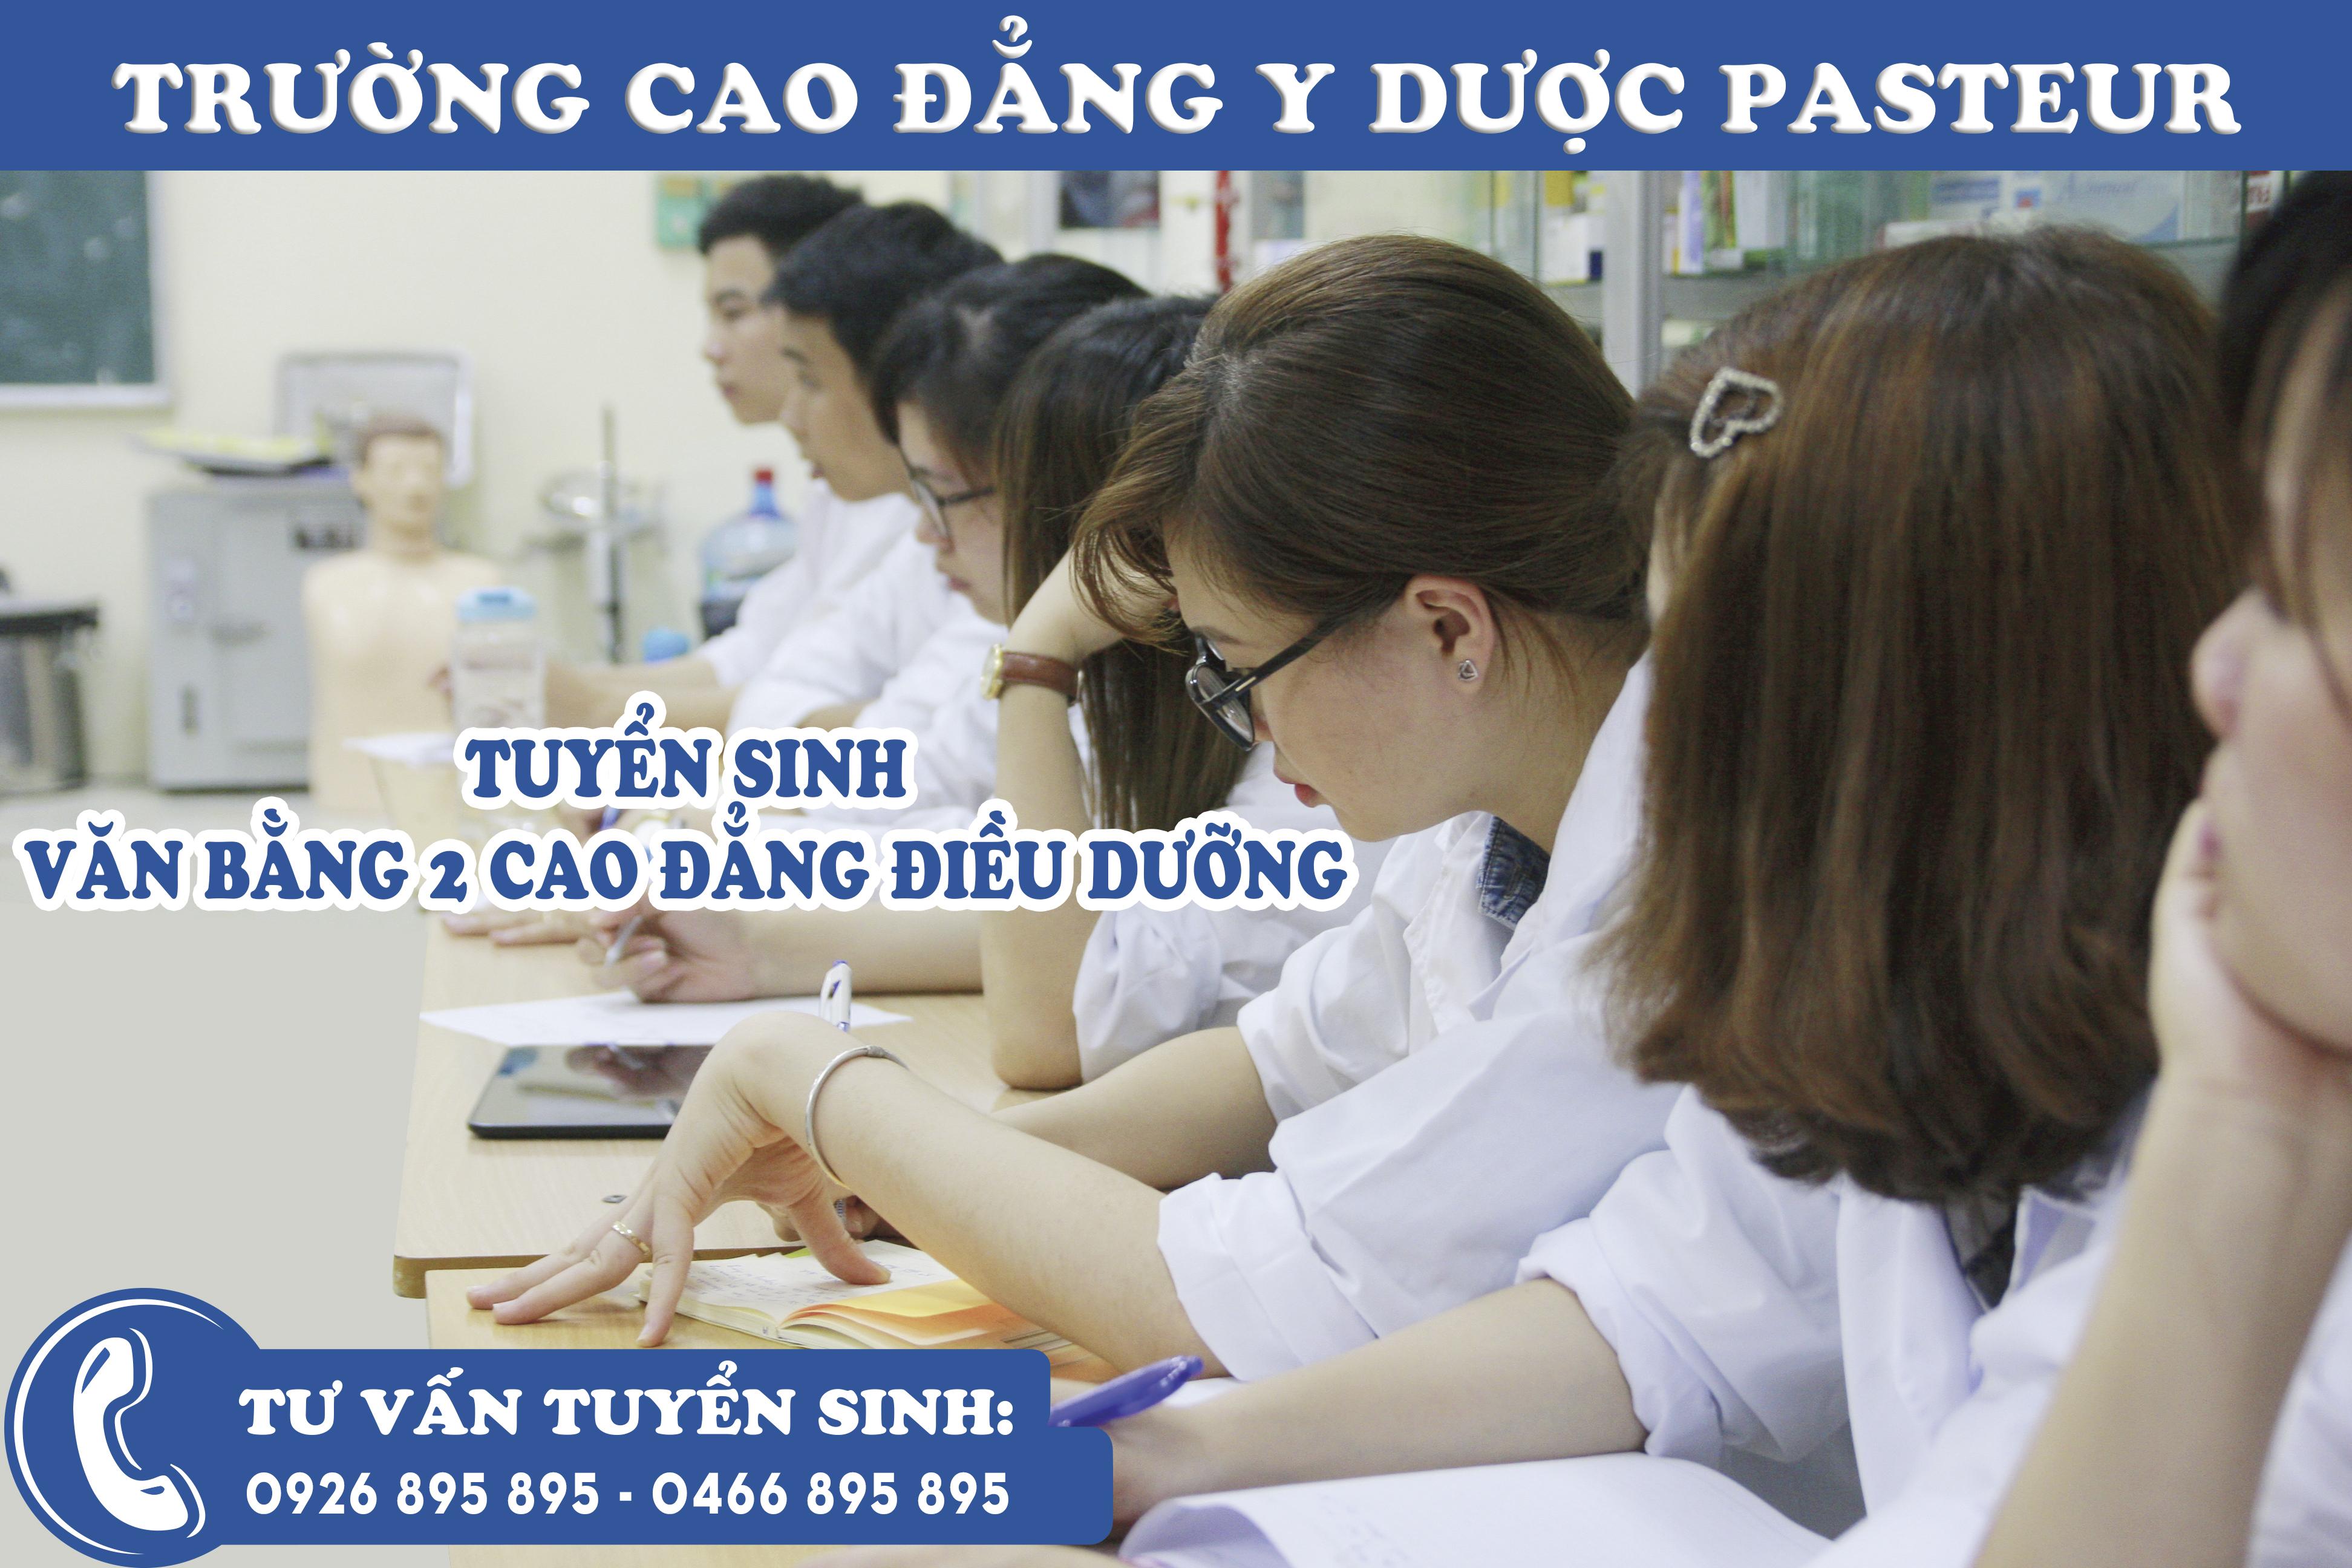 TRUONG-CAO-DANG-Y-DUOC-PASTEUR-TUYEN-SINH-VB2-CAO-DANG-DIEU-DUONG